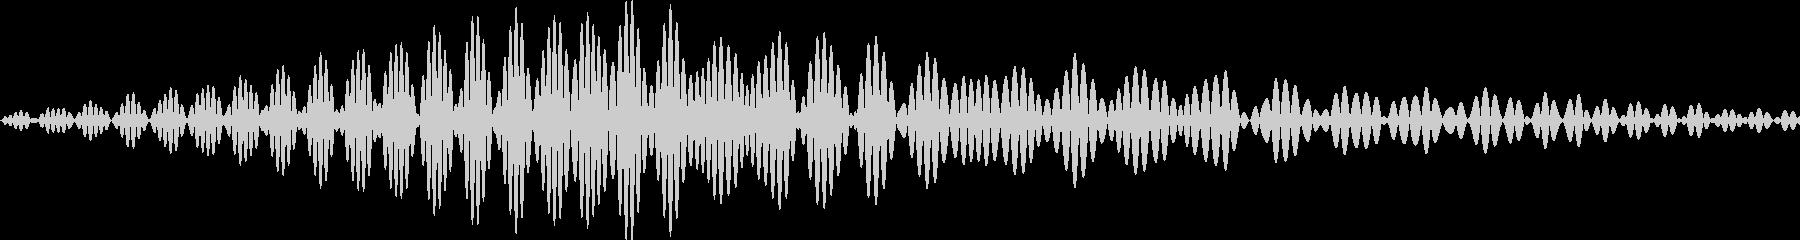 アプリのタッチ音にの未再生の波形